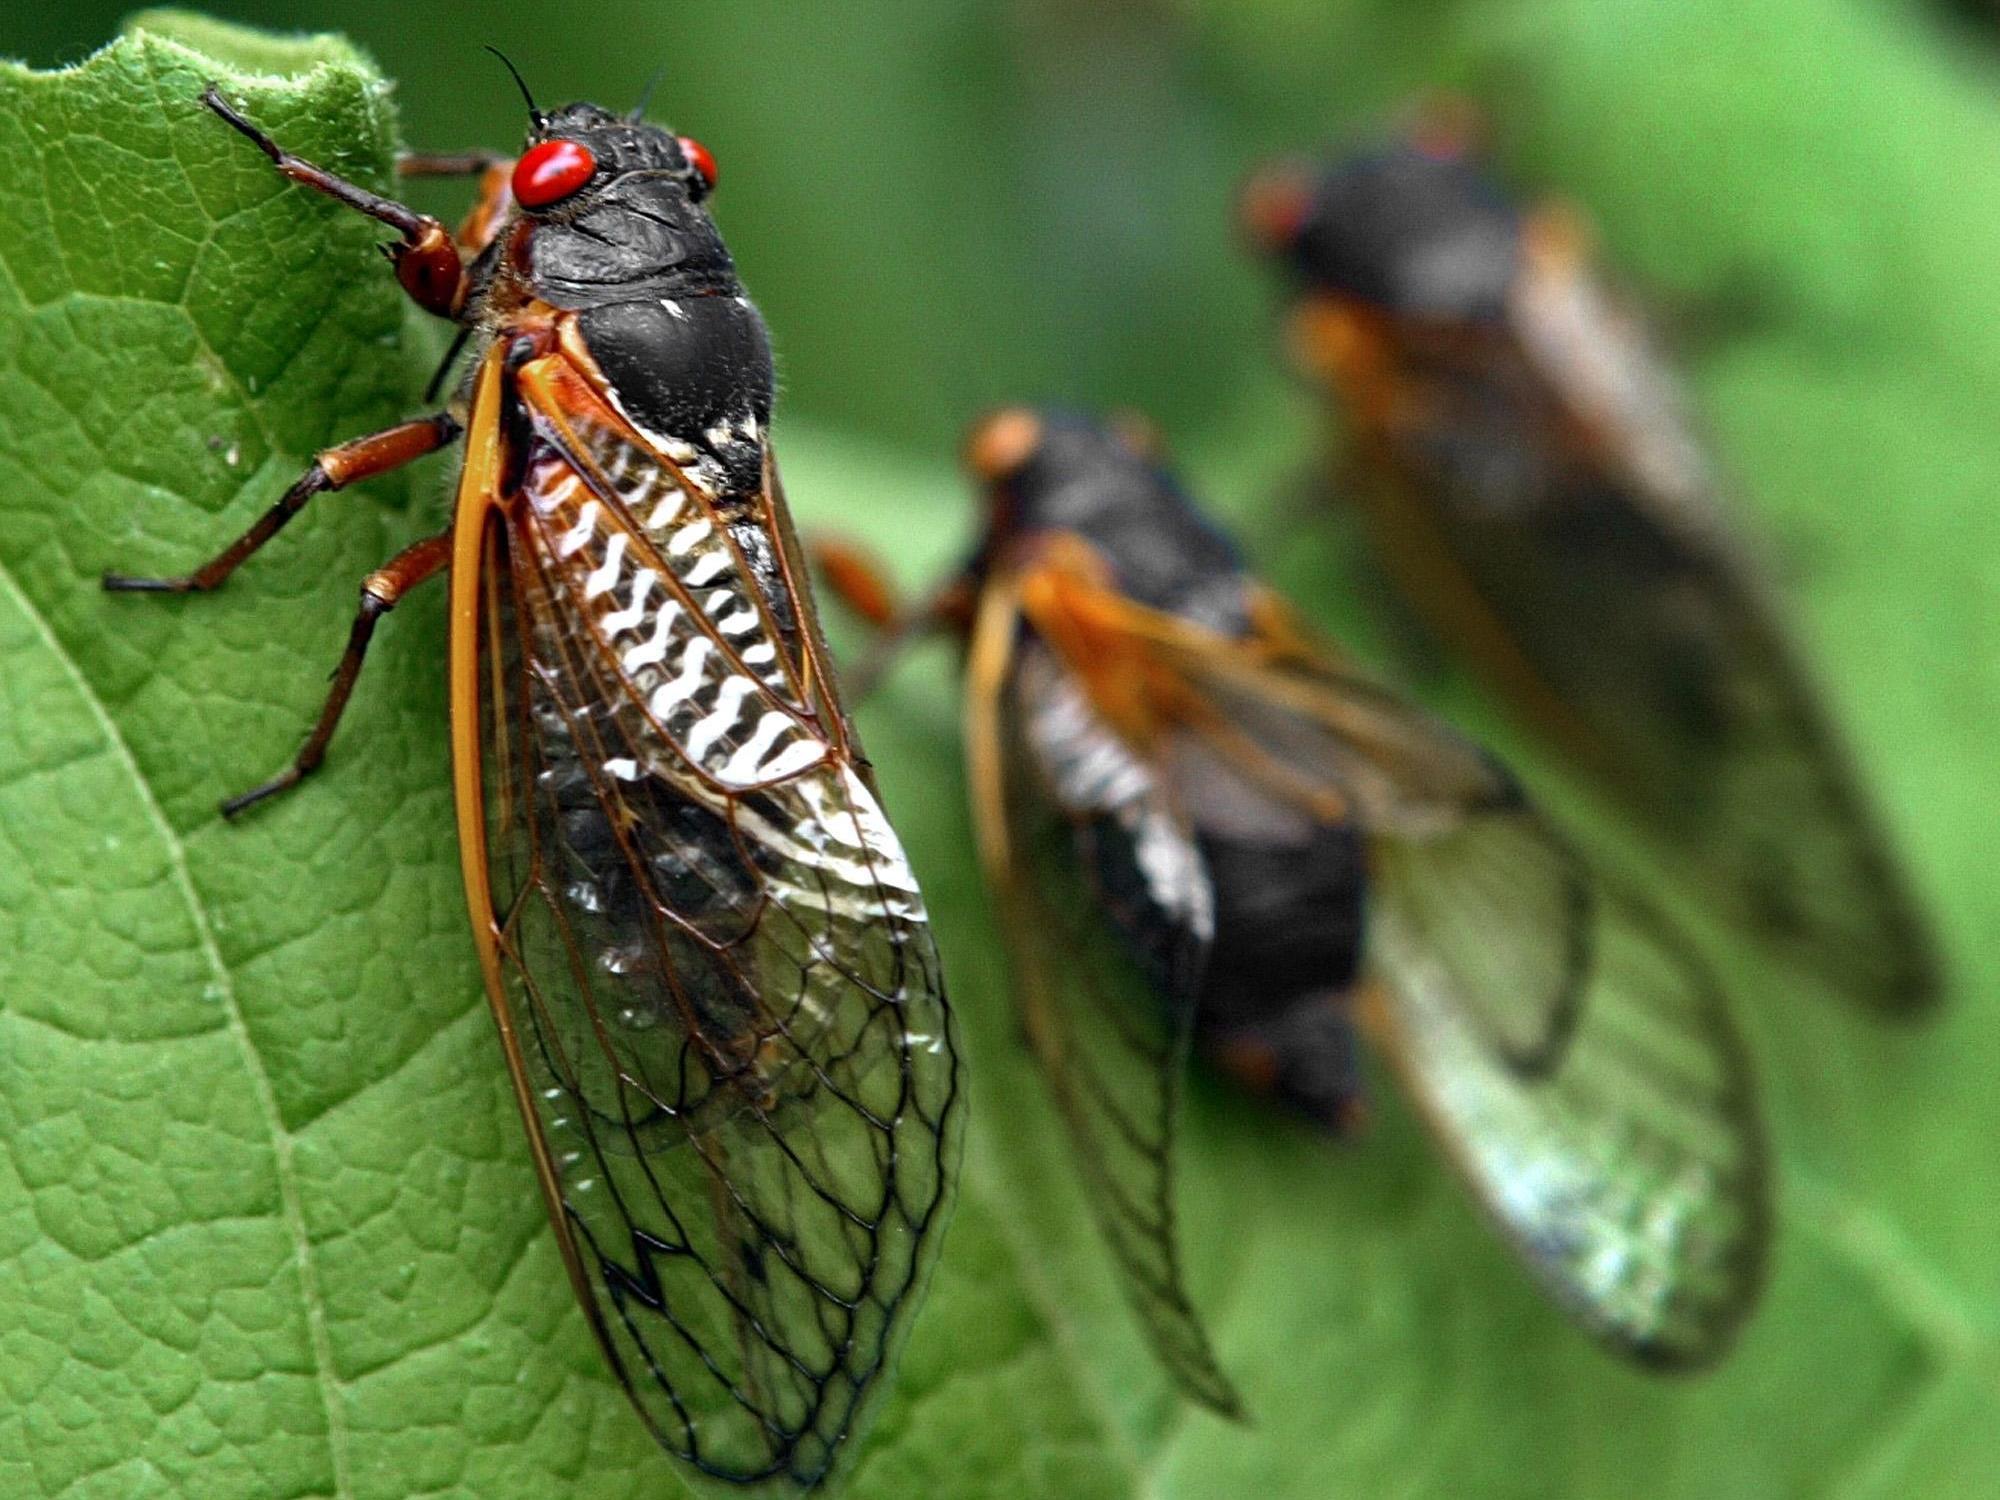 Vierwöchige Insektenplage in den USA.